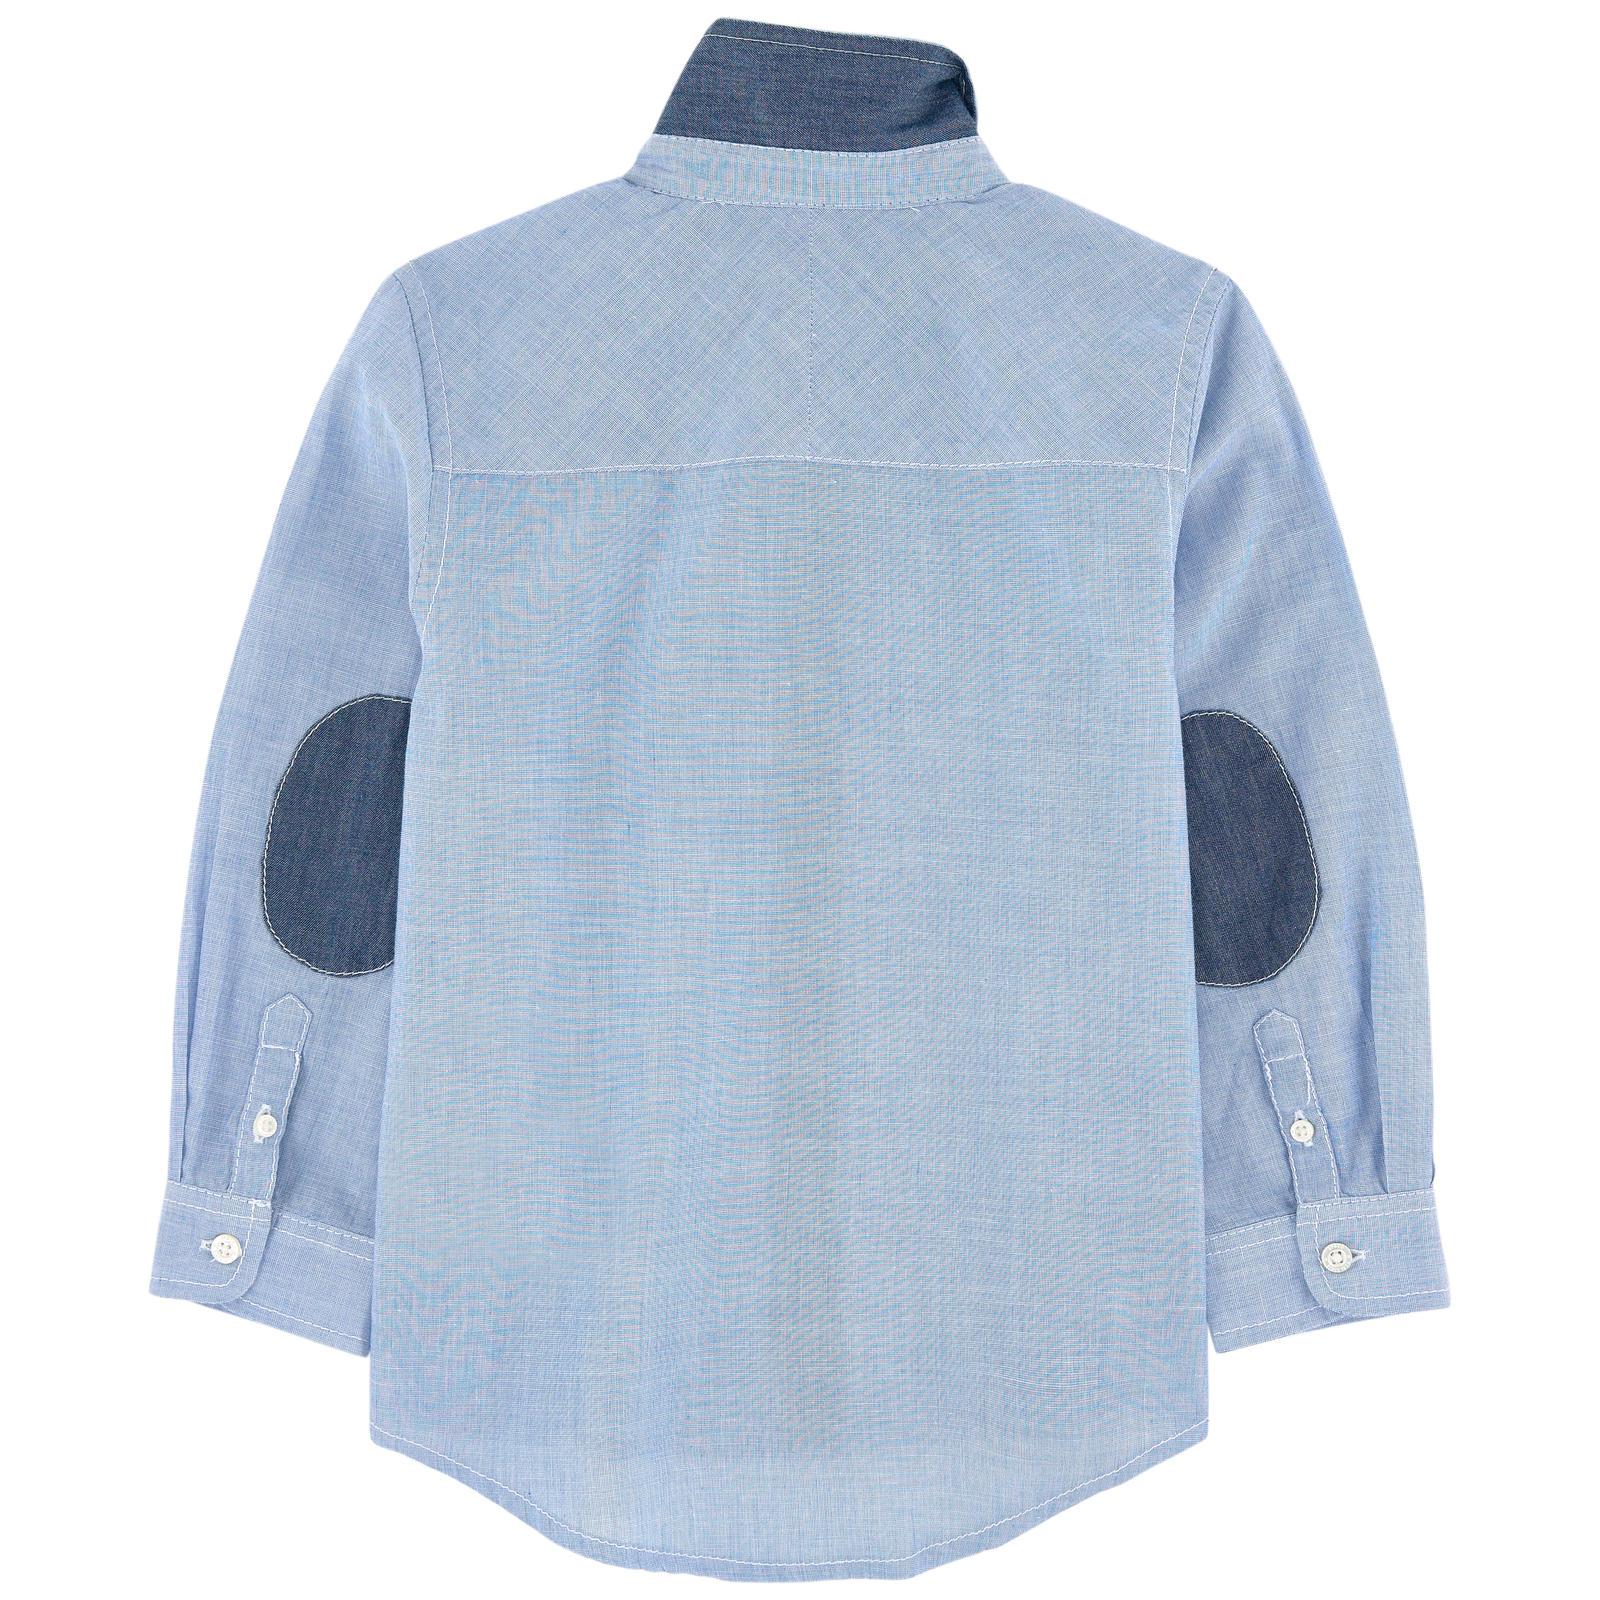 Camisa infantil azul clássica 3pommes